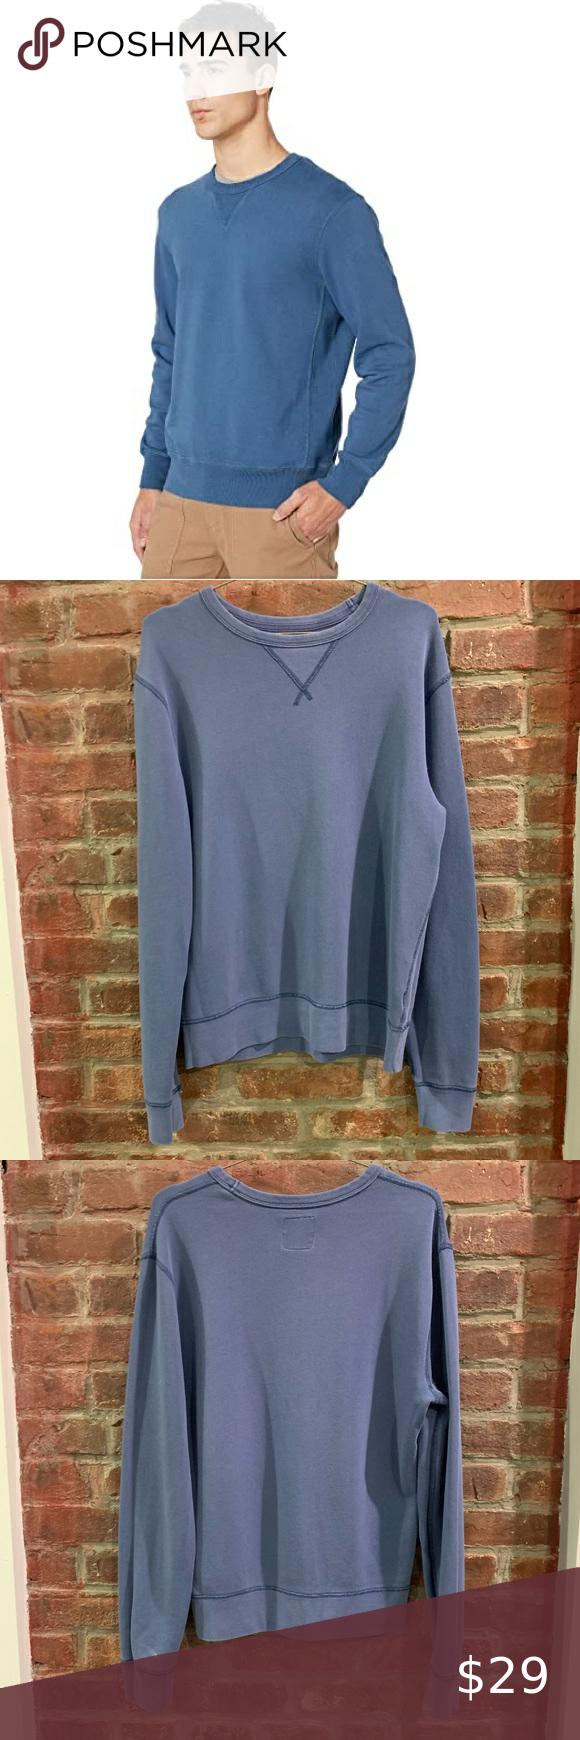 J Crew Garment Dyed Terry Crewneck Sweatshirt S Garment Dye Crew Neck Sweatshirt Long Sleeve Tshirt Men [ 1740 x 580 Pixel ]